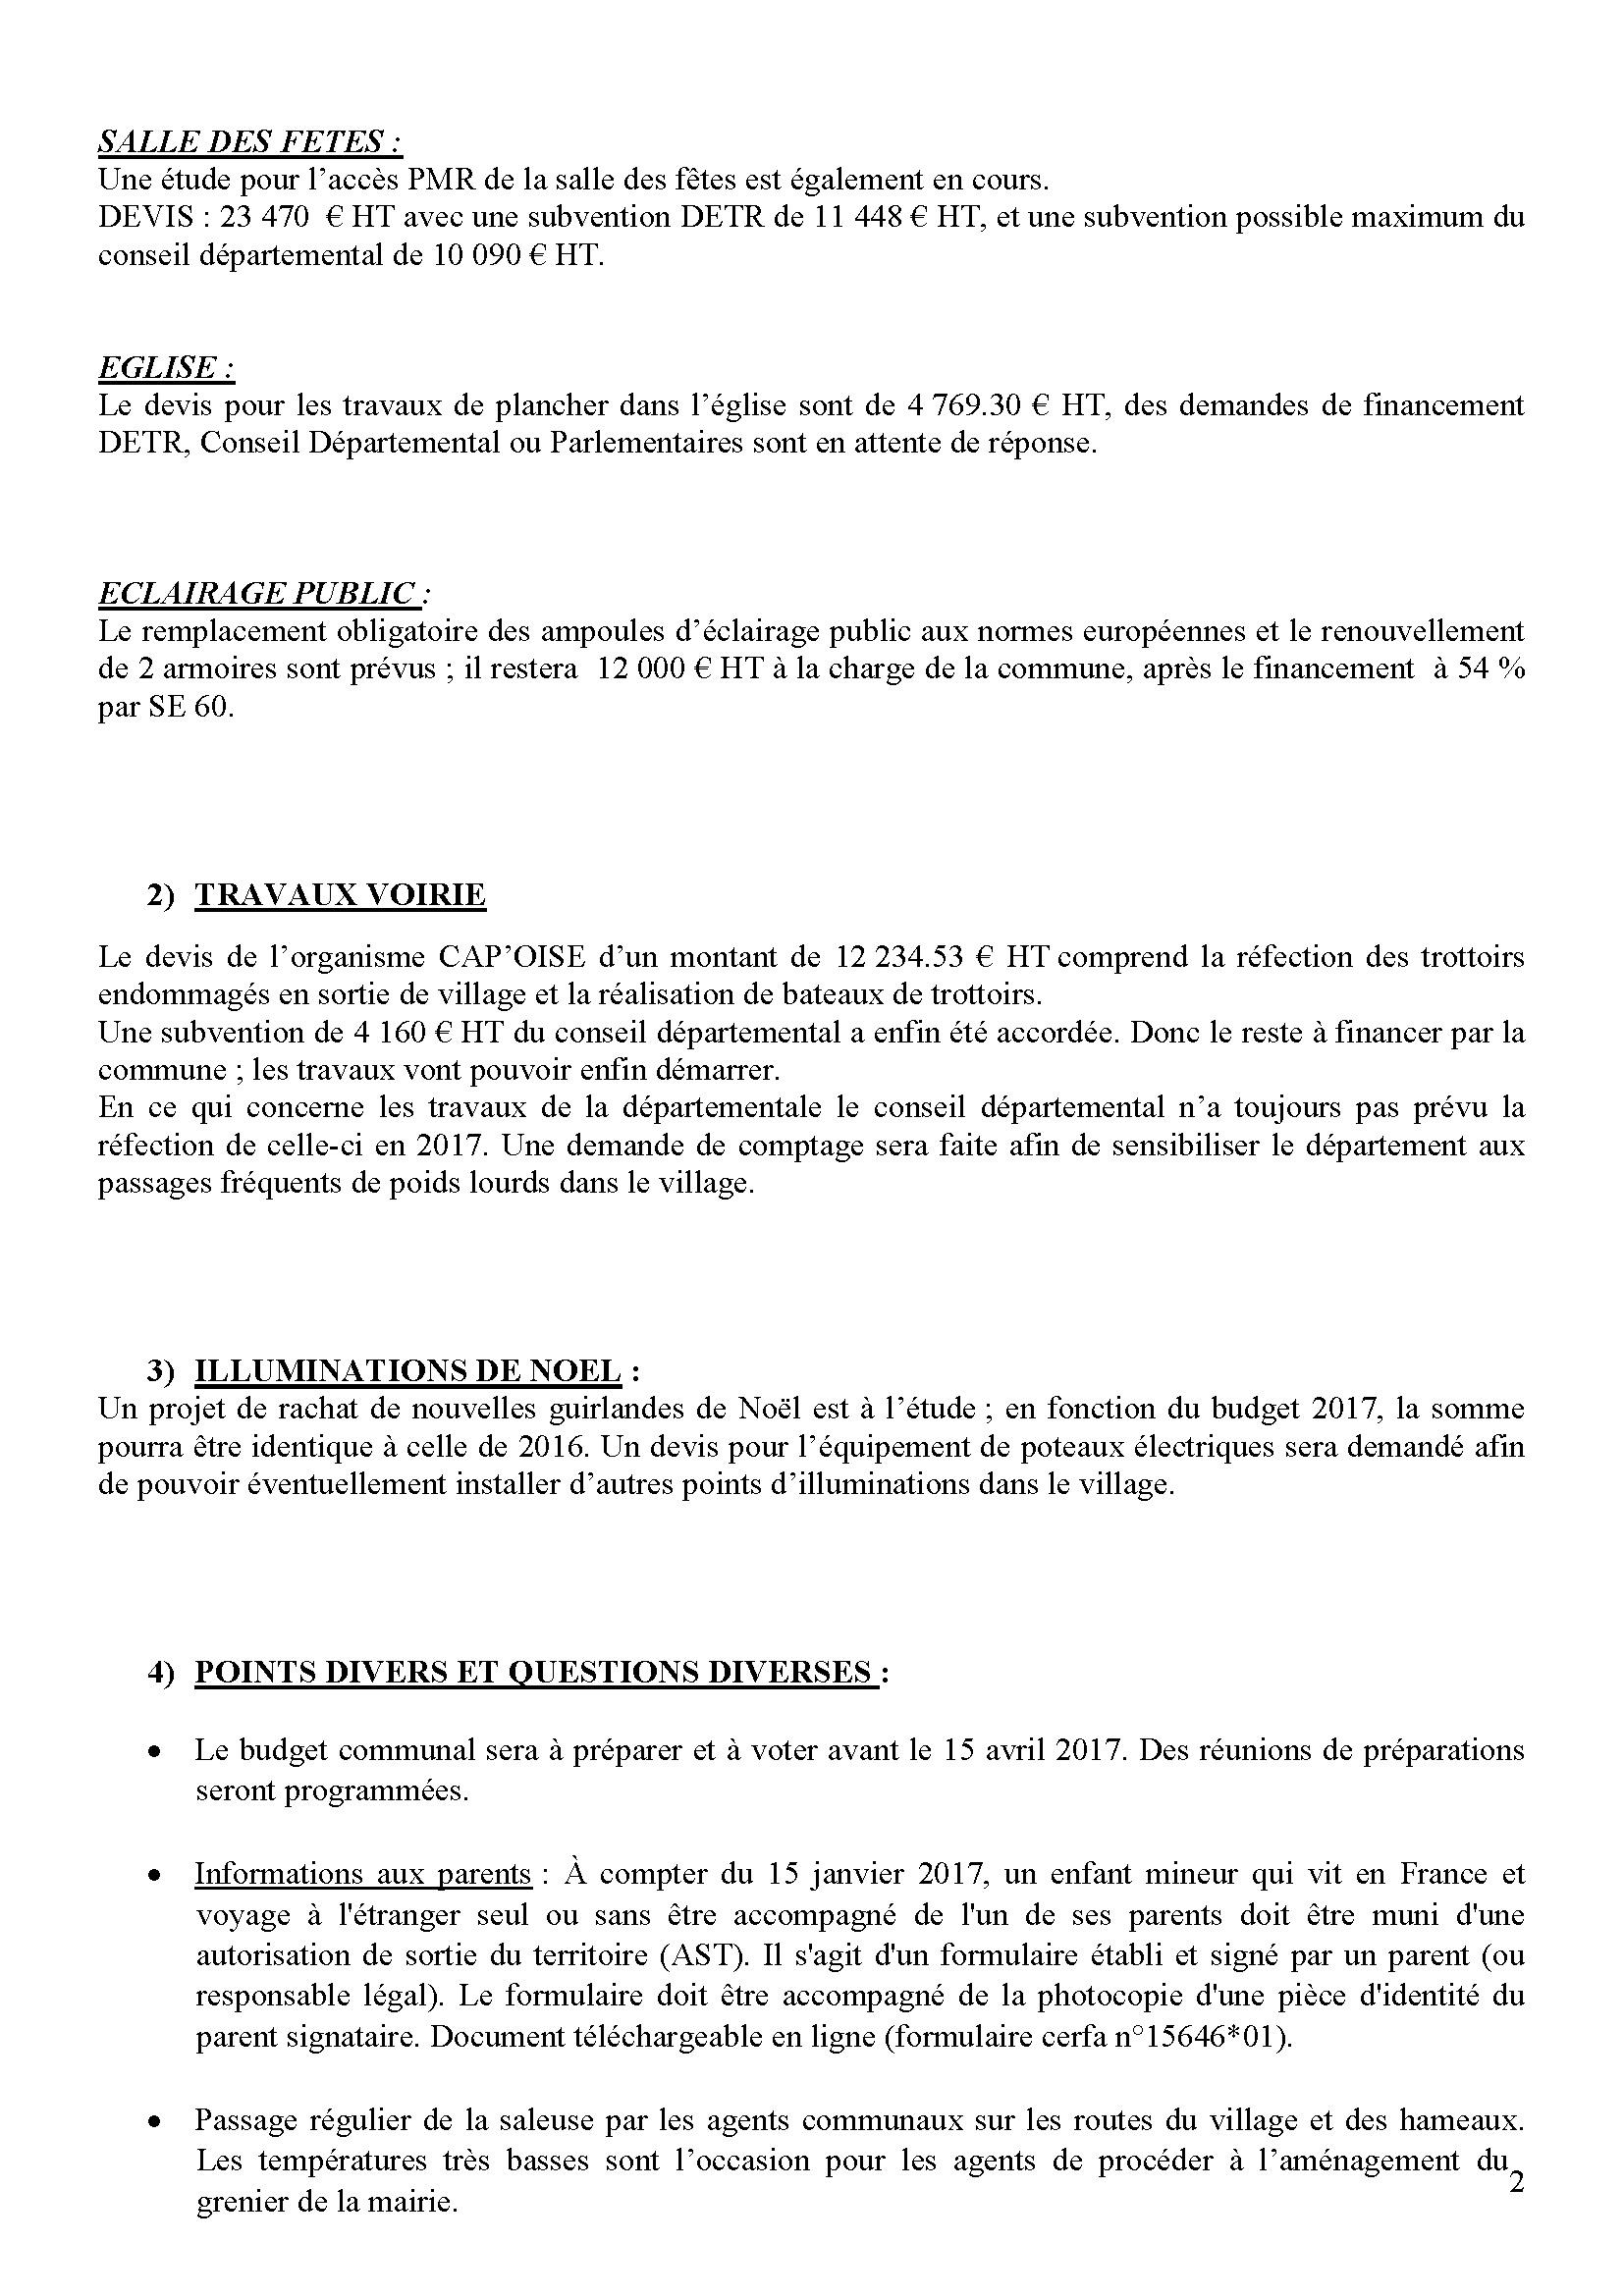 cr-du-20012017-page-2